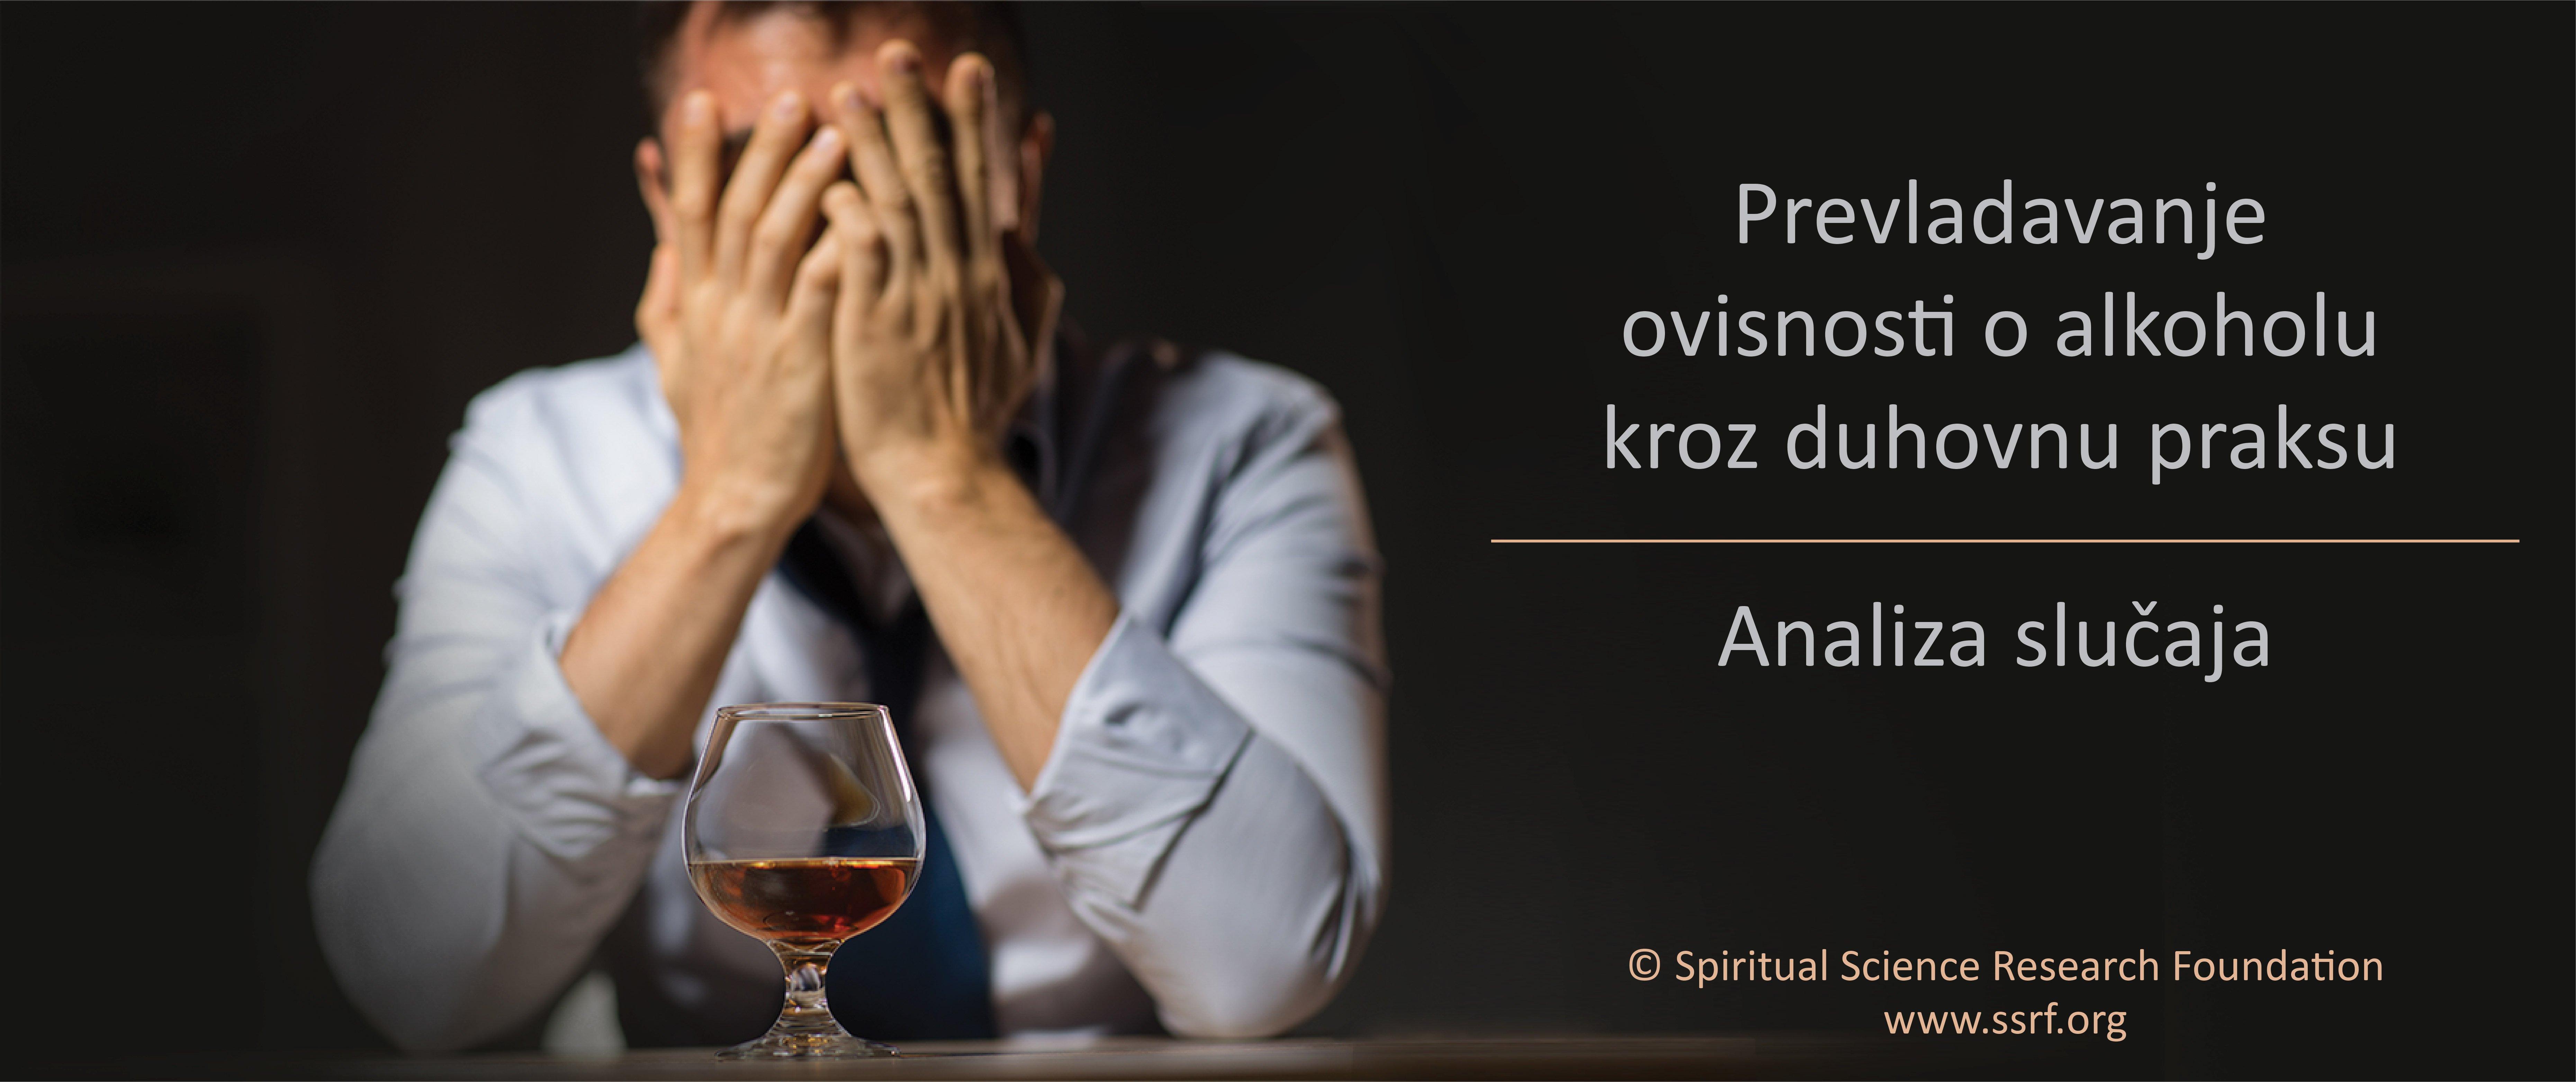 Prevladavanje ovisnosti o alkoholu kroz duhovnu praksu